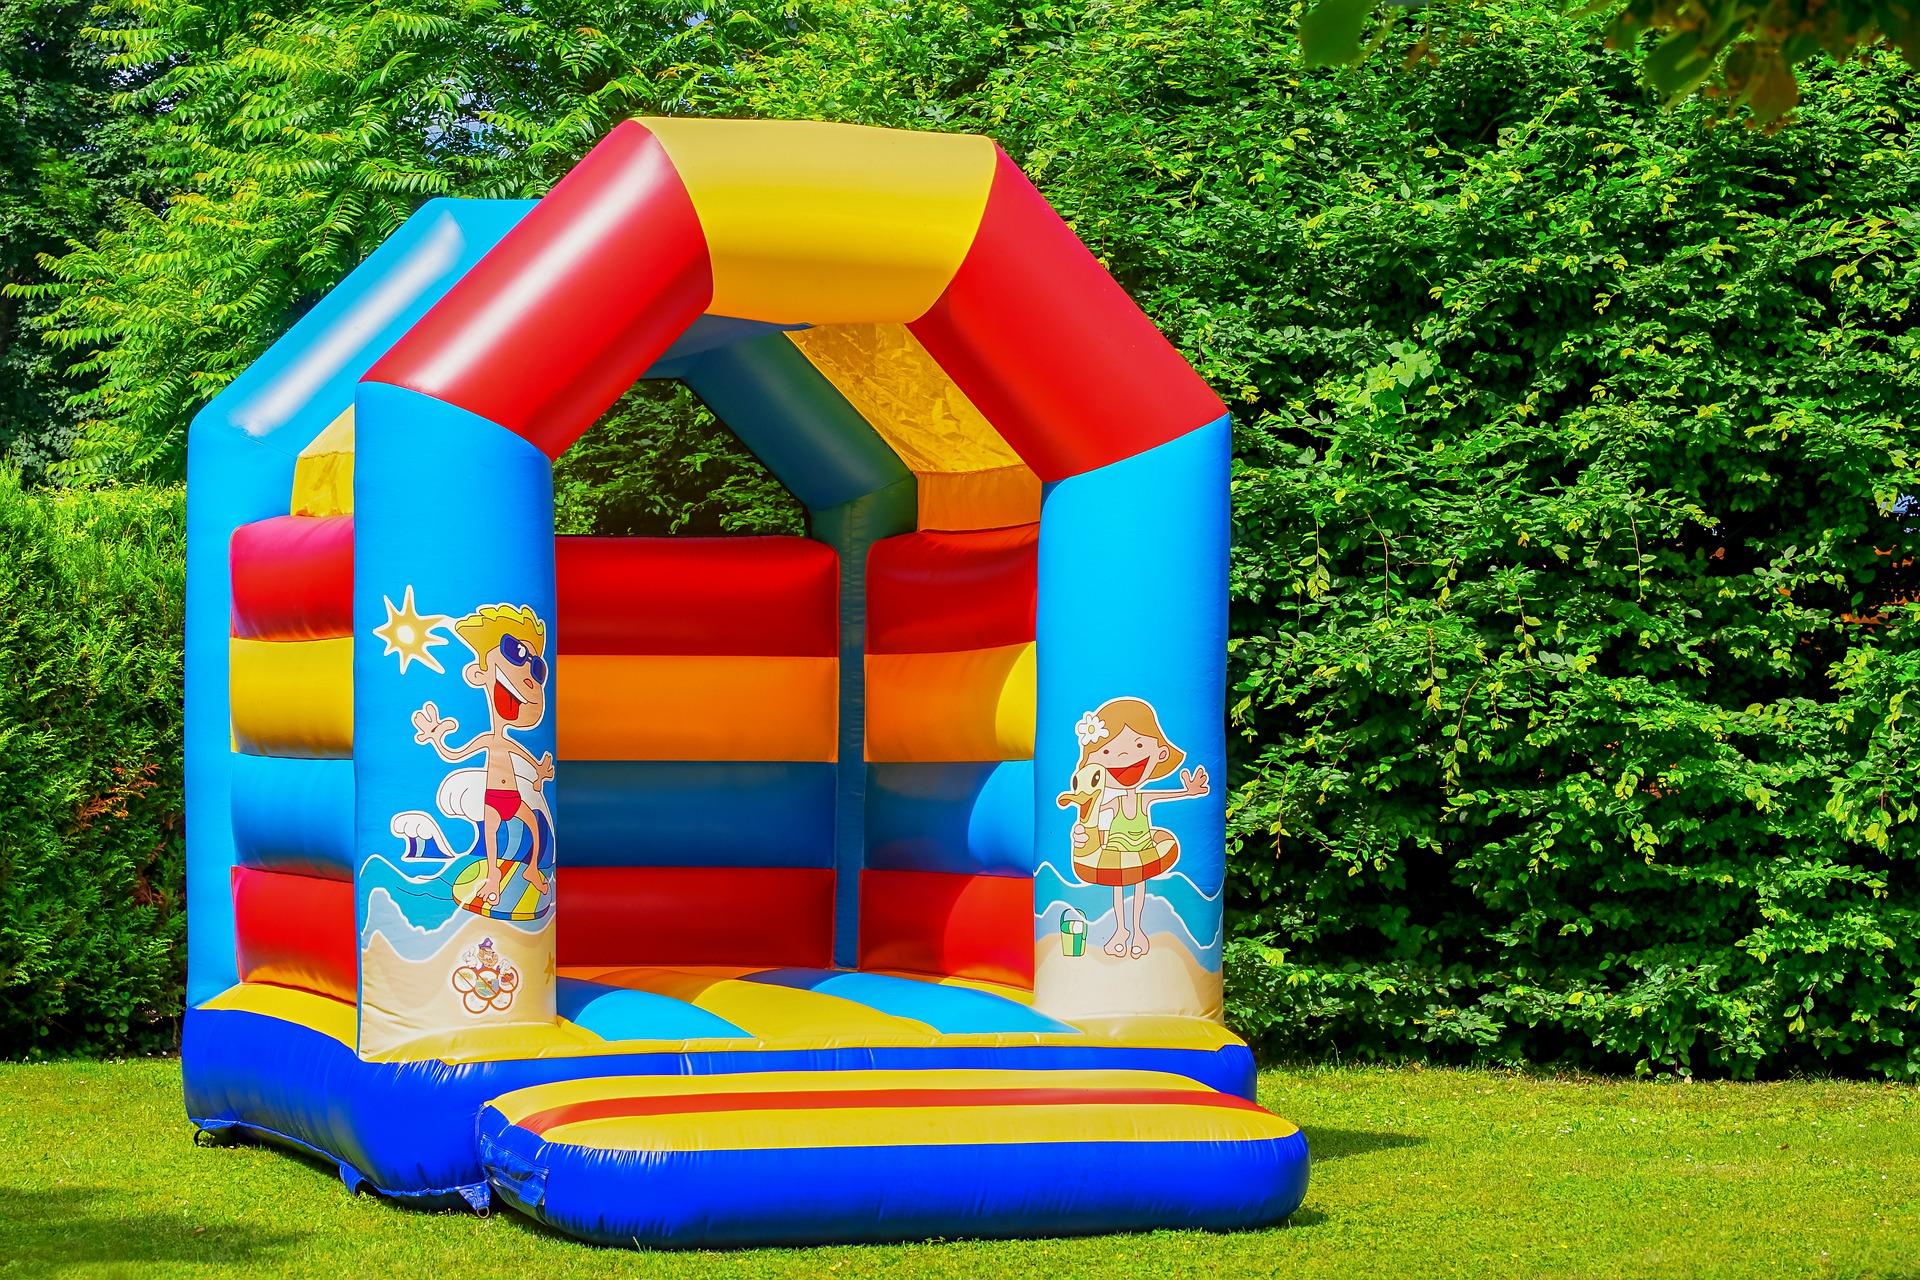 Bounce bouncy house